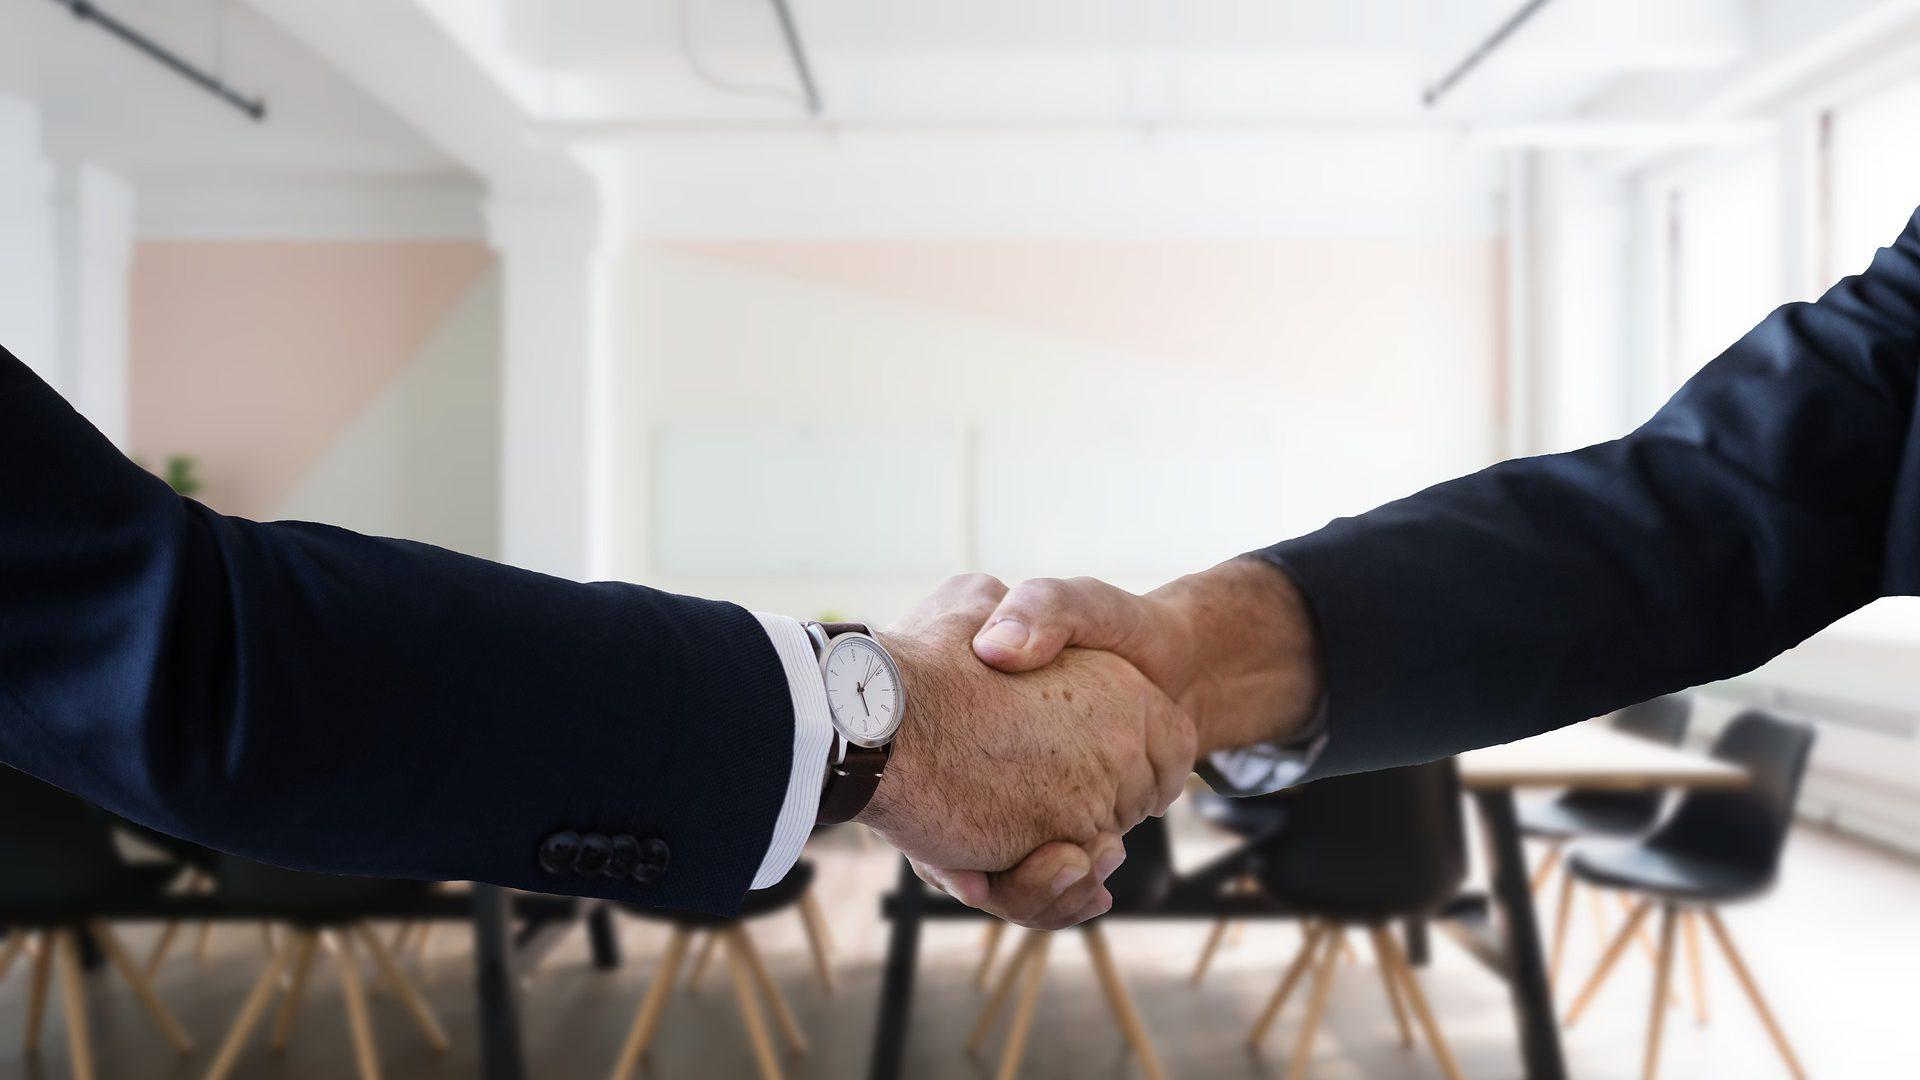 Neue Verdienstgrenzen für die Pauschalbesteuerung bei Kurzfristigen Beschäftigungen